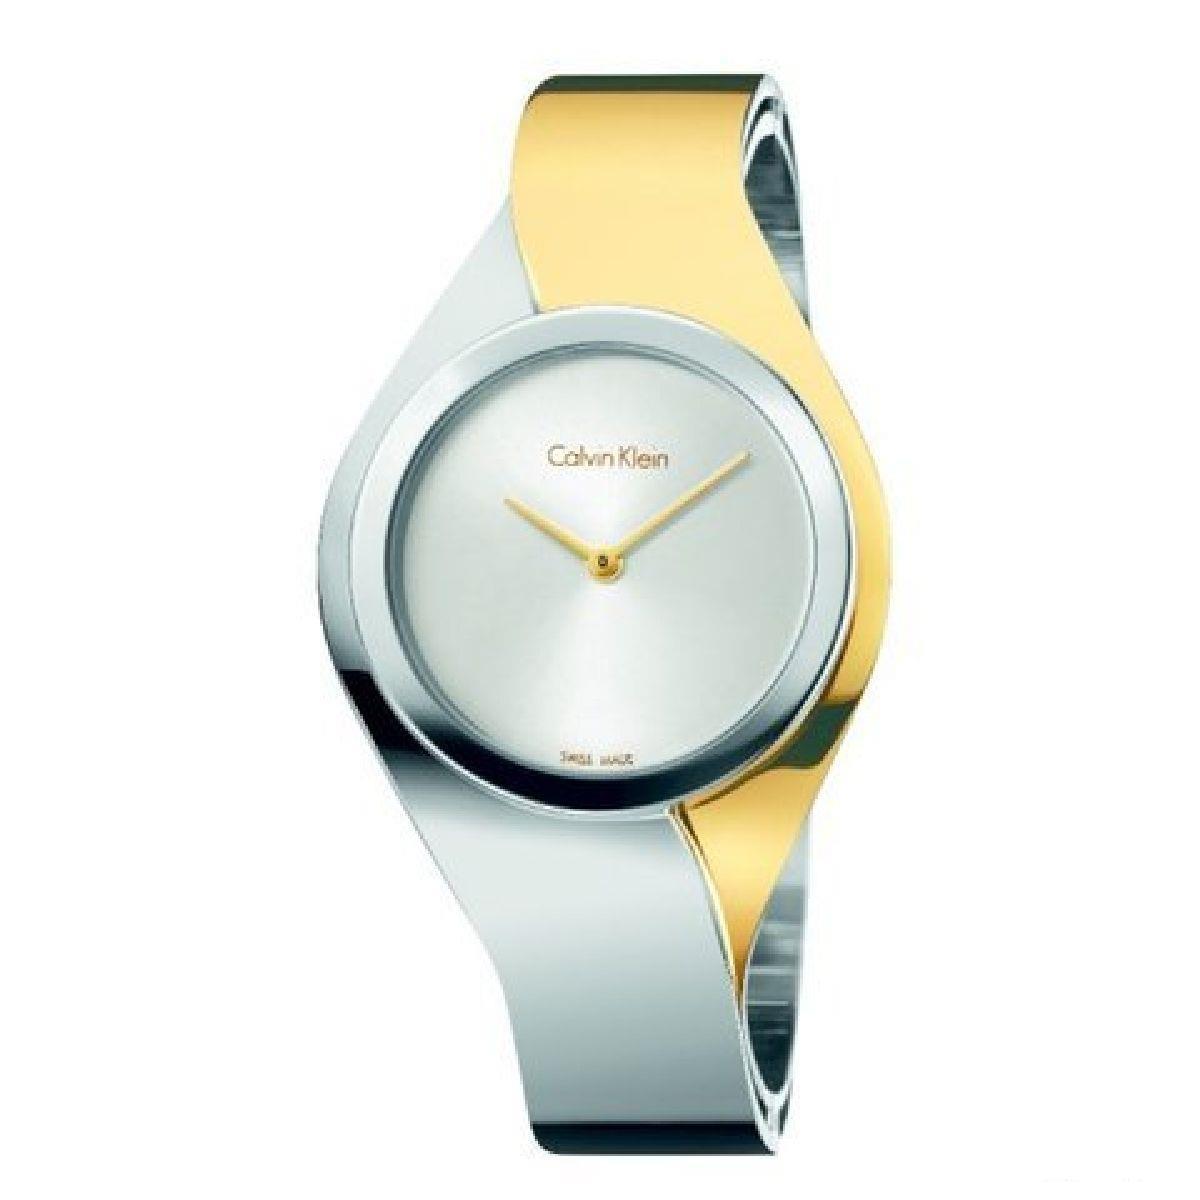 4c12649f4d3 Relógio Feminino Calvin Klein - K5N2S1Y6 - K5N2S1Y6 - CALVIN KLEIN